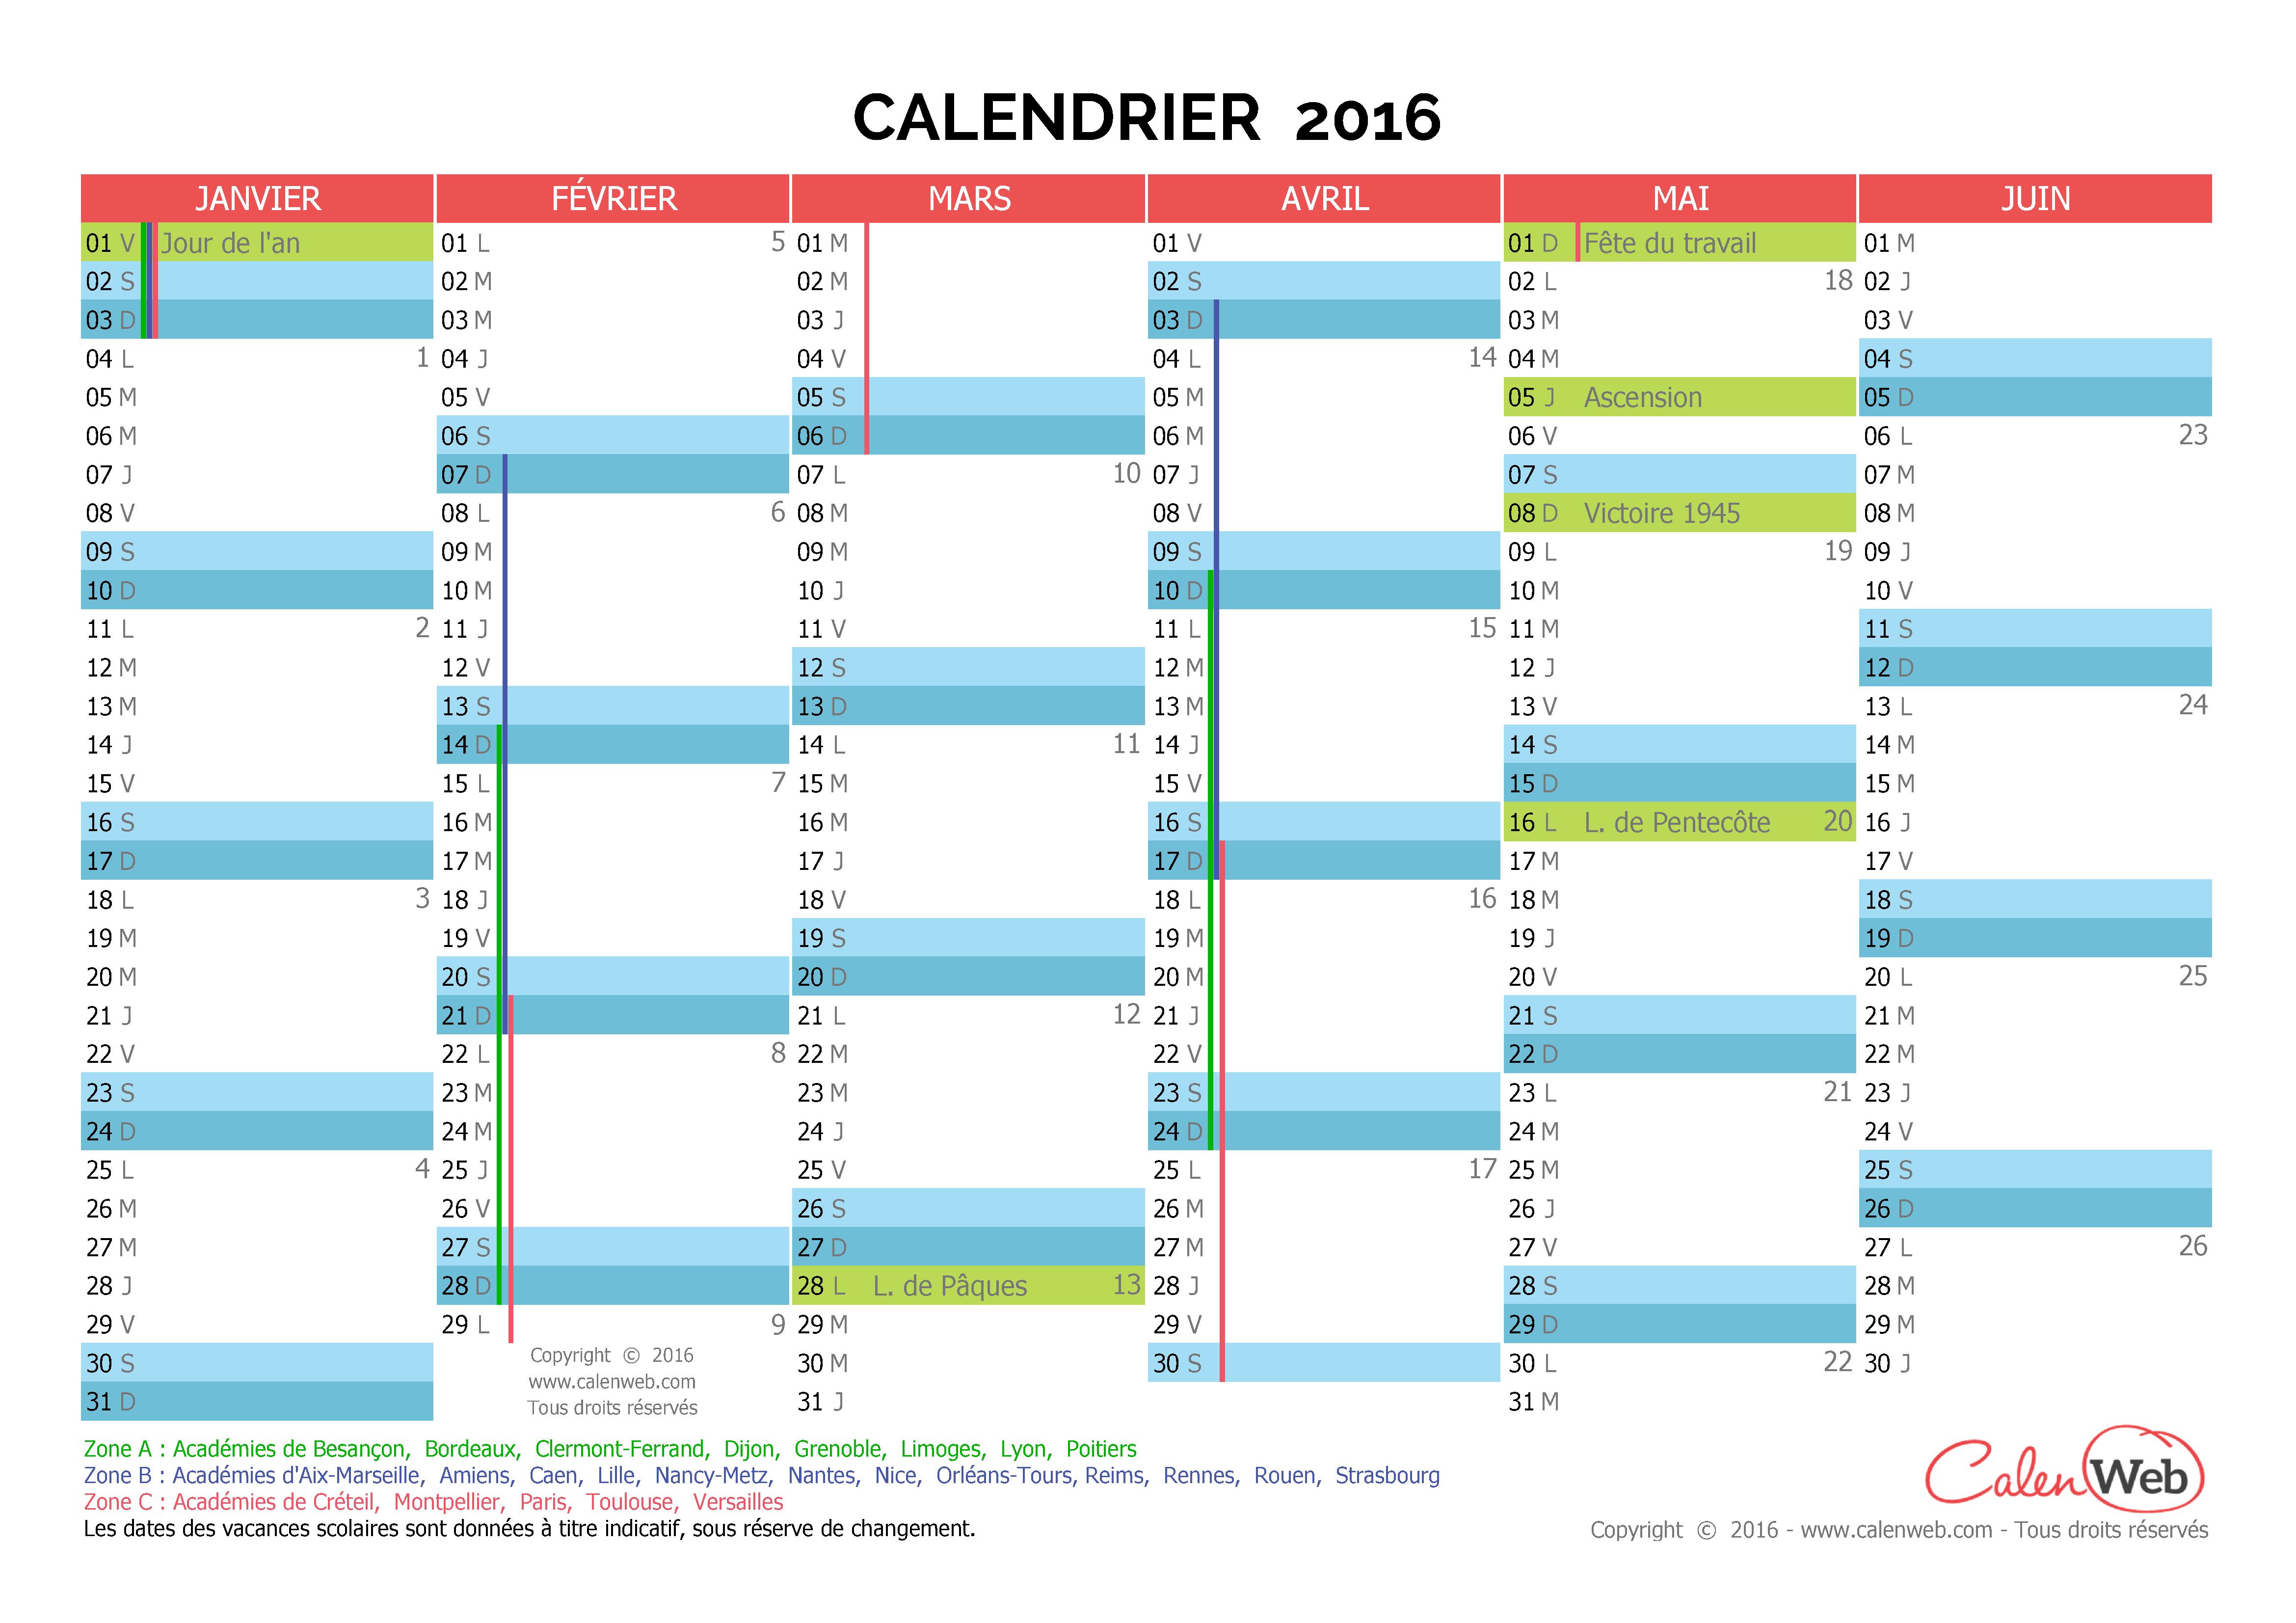 calendrier semestriel ann e 2016 avec jours f ri s et vacances scolaires. Black Bedroom Furniture Sets. Home Design Ideas